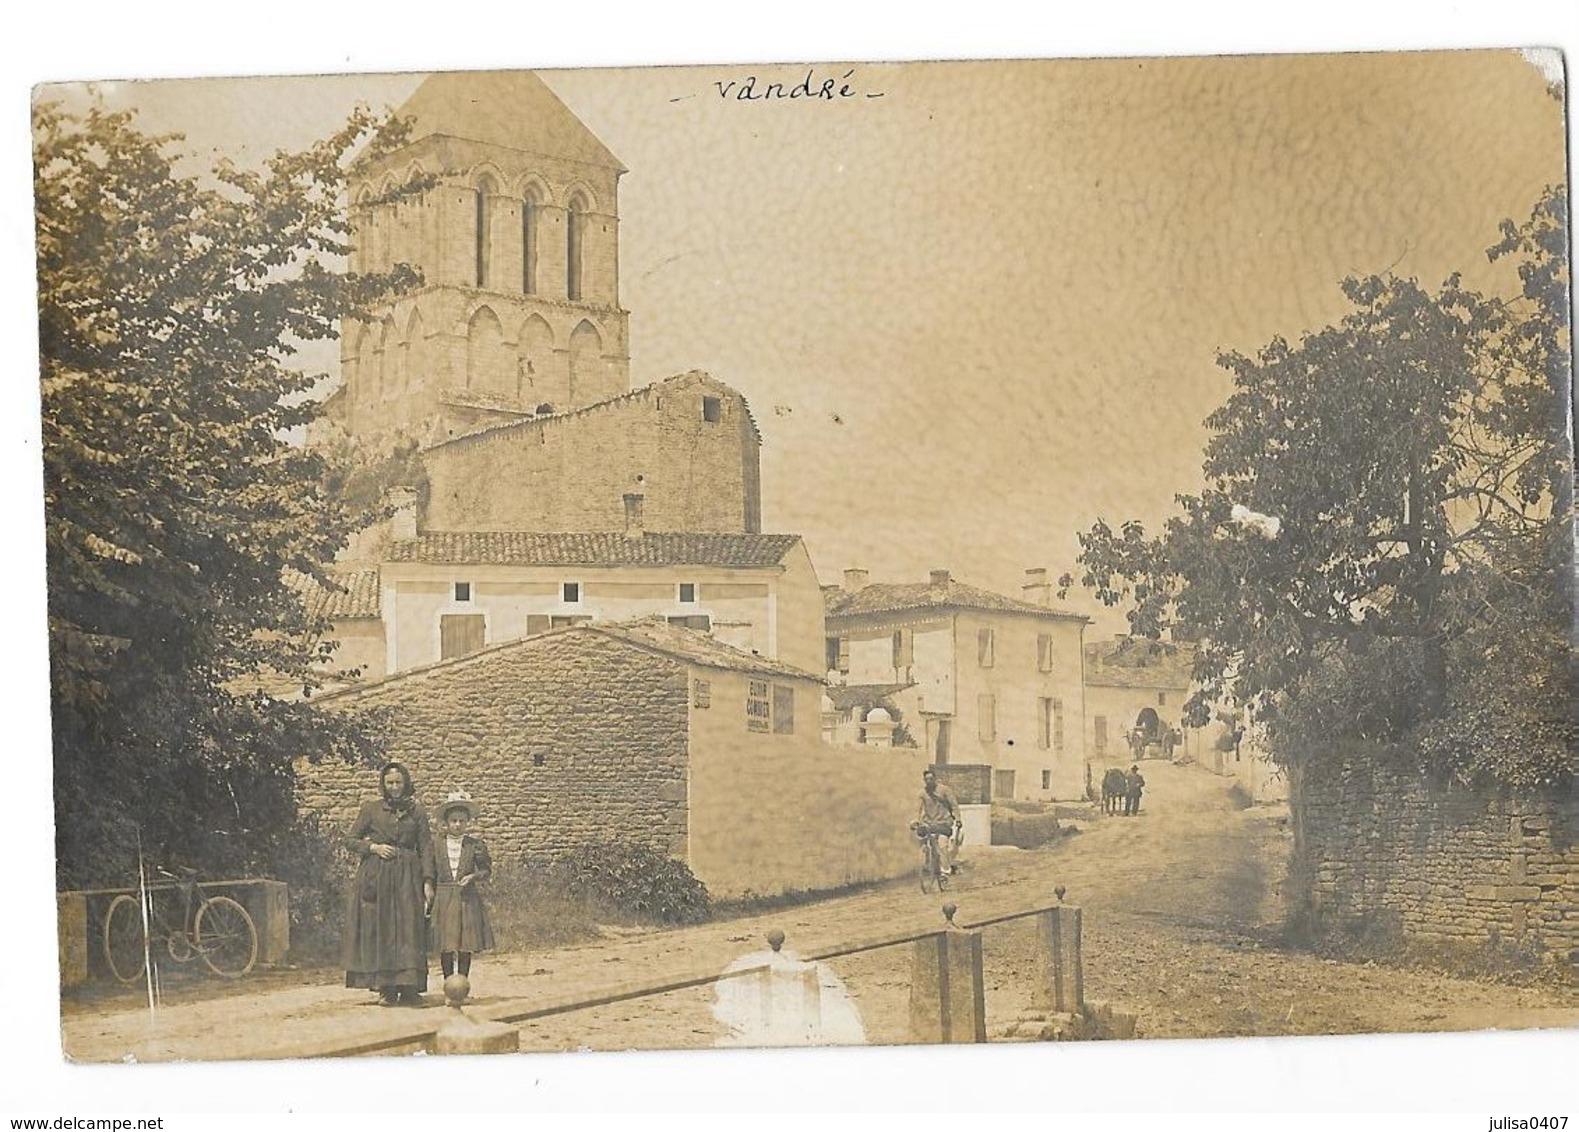 VANDRE (17) Carte Photo église Animation - France